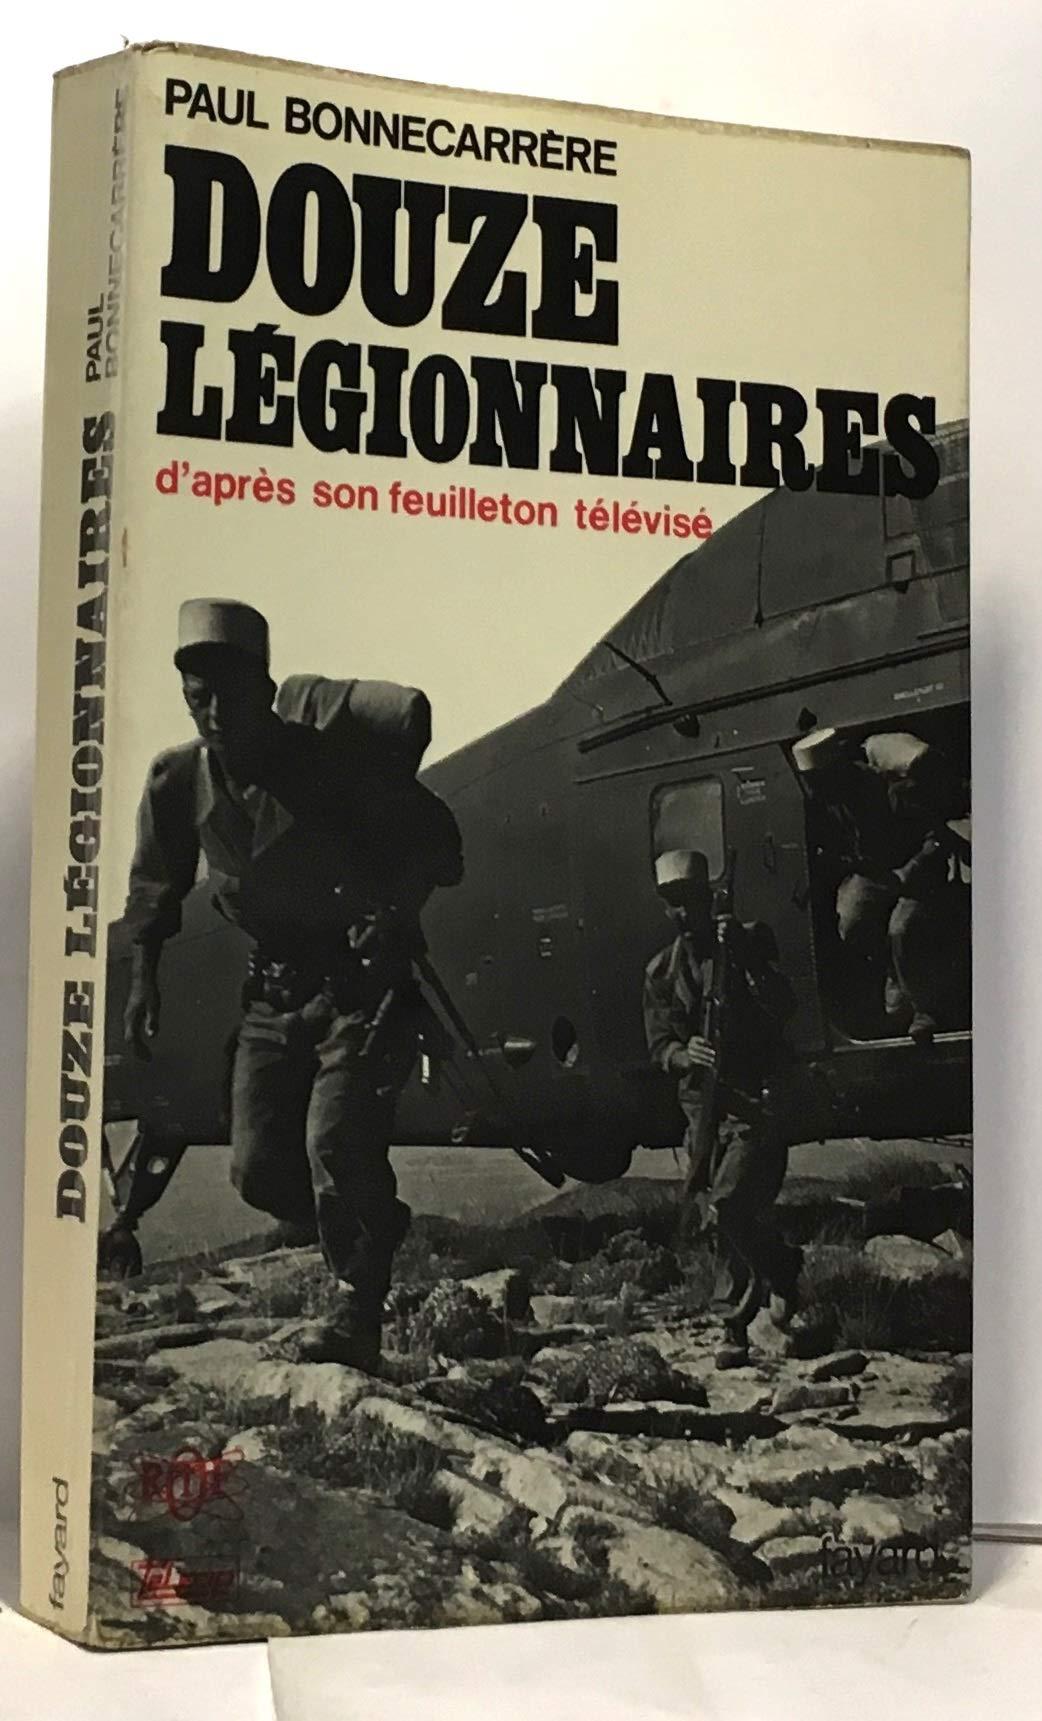 LEGIONNAIRES DOUZE TÉLÉCHARGER LES